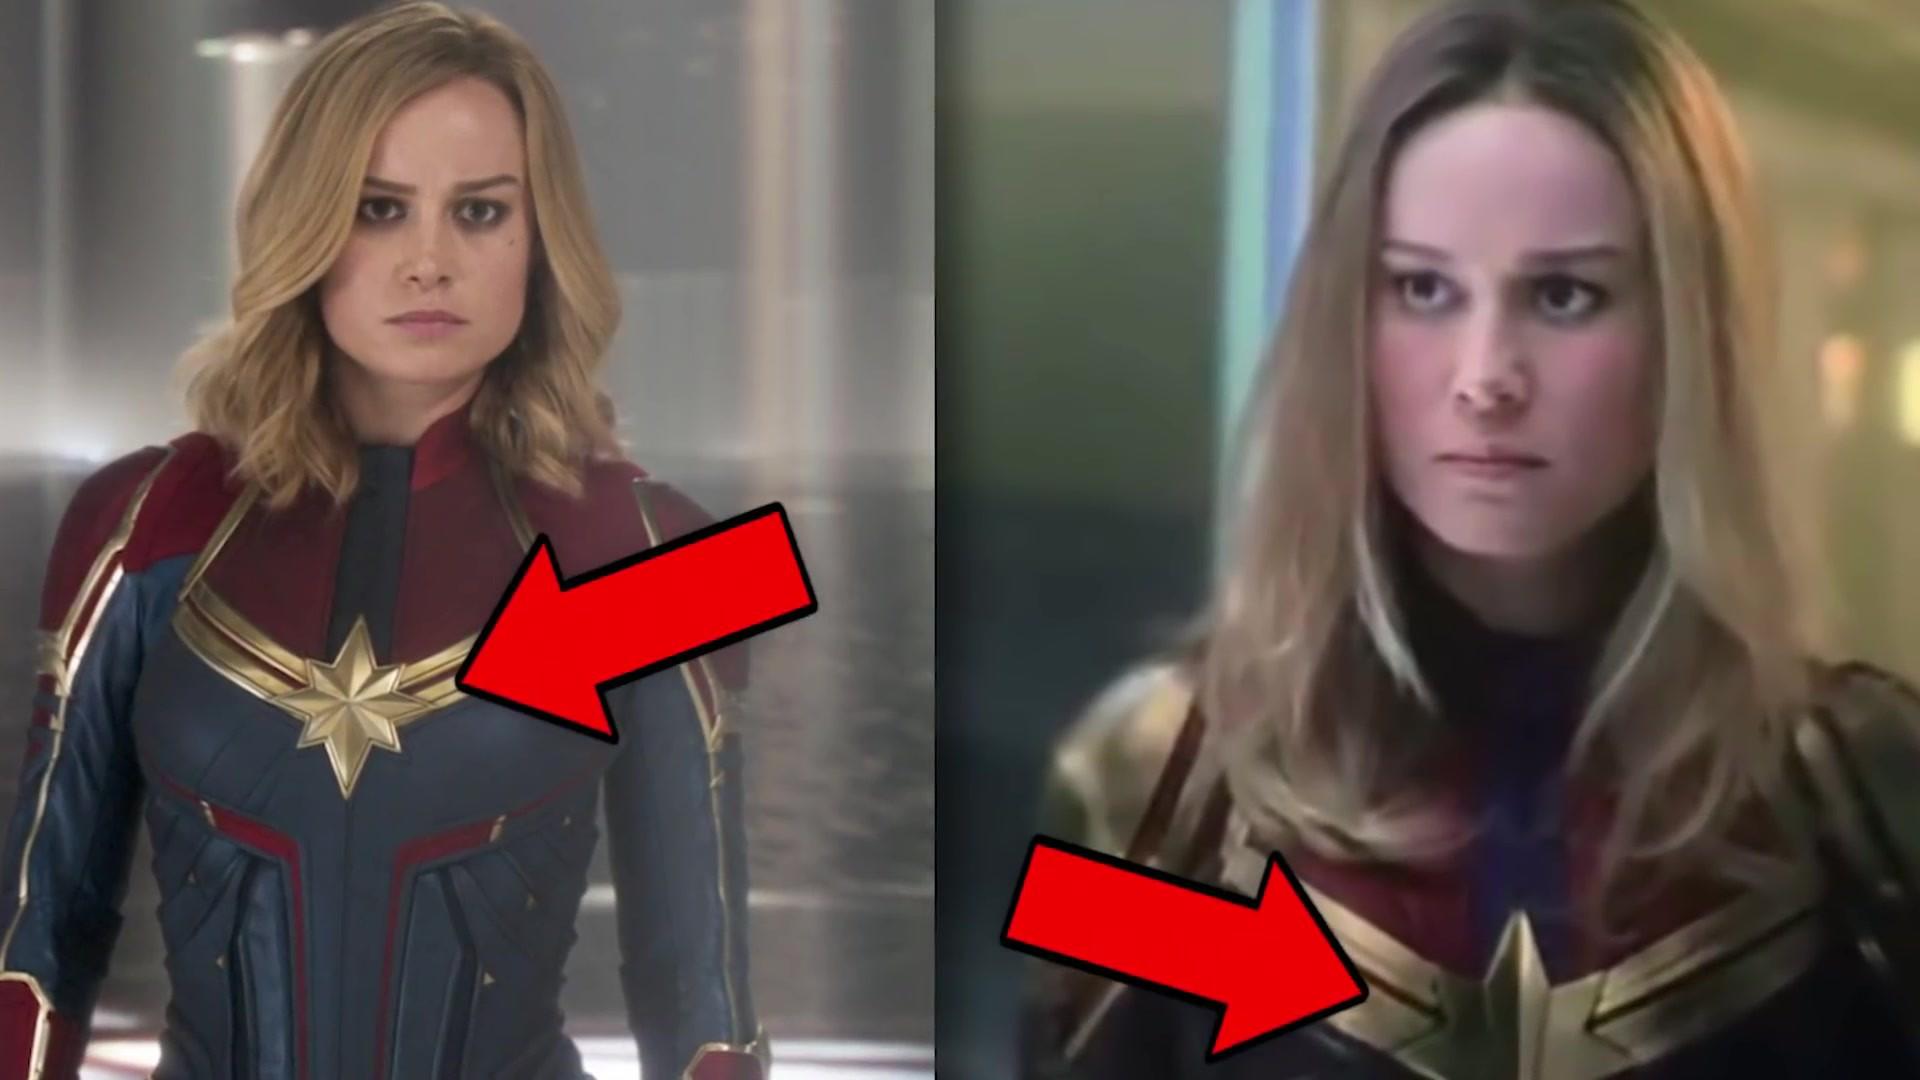 Có ai nhận ra ngày Captain Marvel trở về trái đất, chị đại bỗng được mông má xinh hơn hẳn? - Ảnh 2.